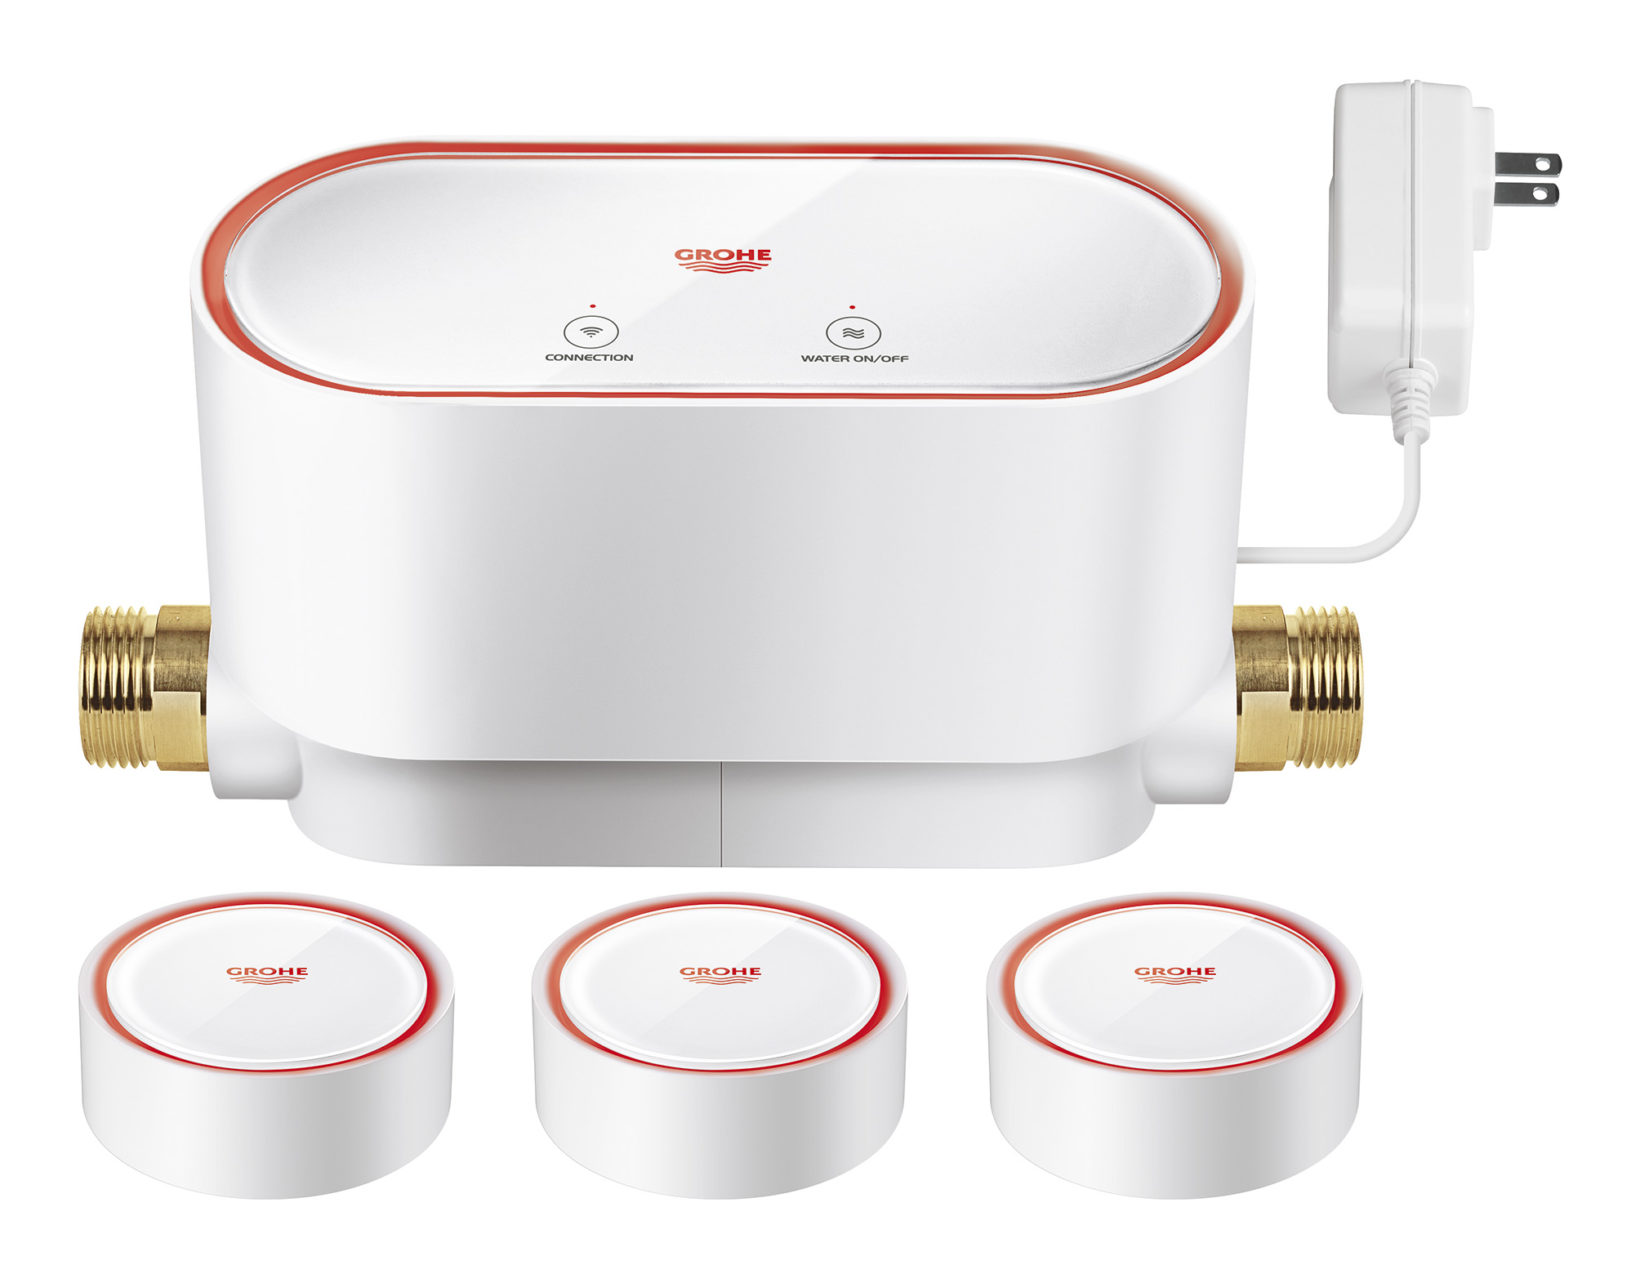 grohe sense il sensore smart per l acqua a portata di mano. Black Bedroom Furniture Sets. Home Design Ideas